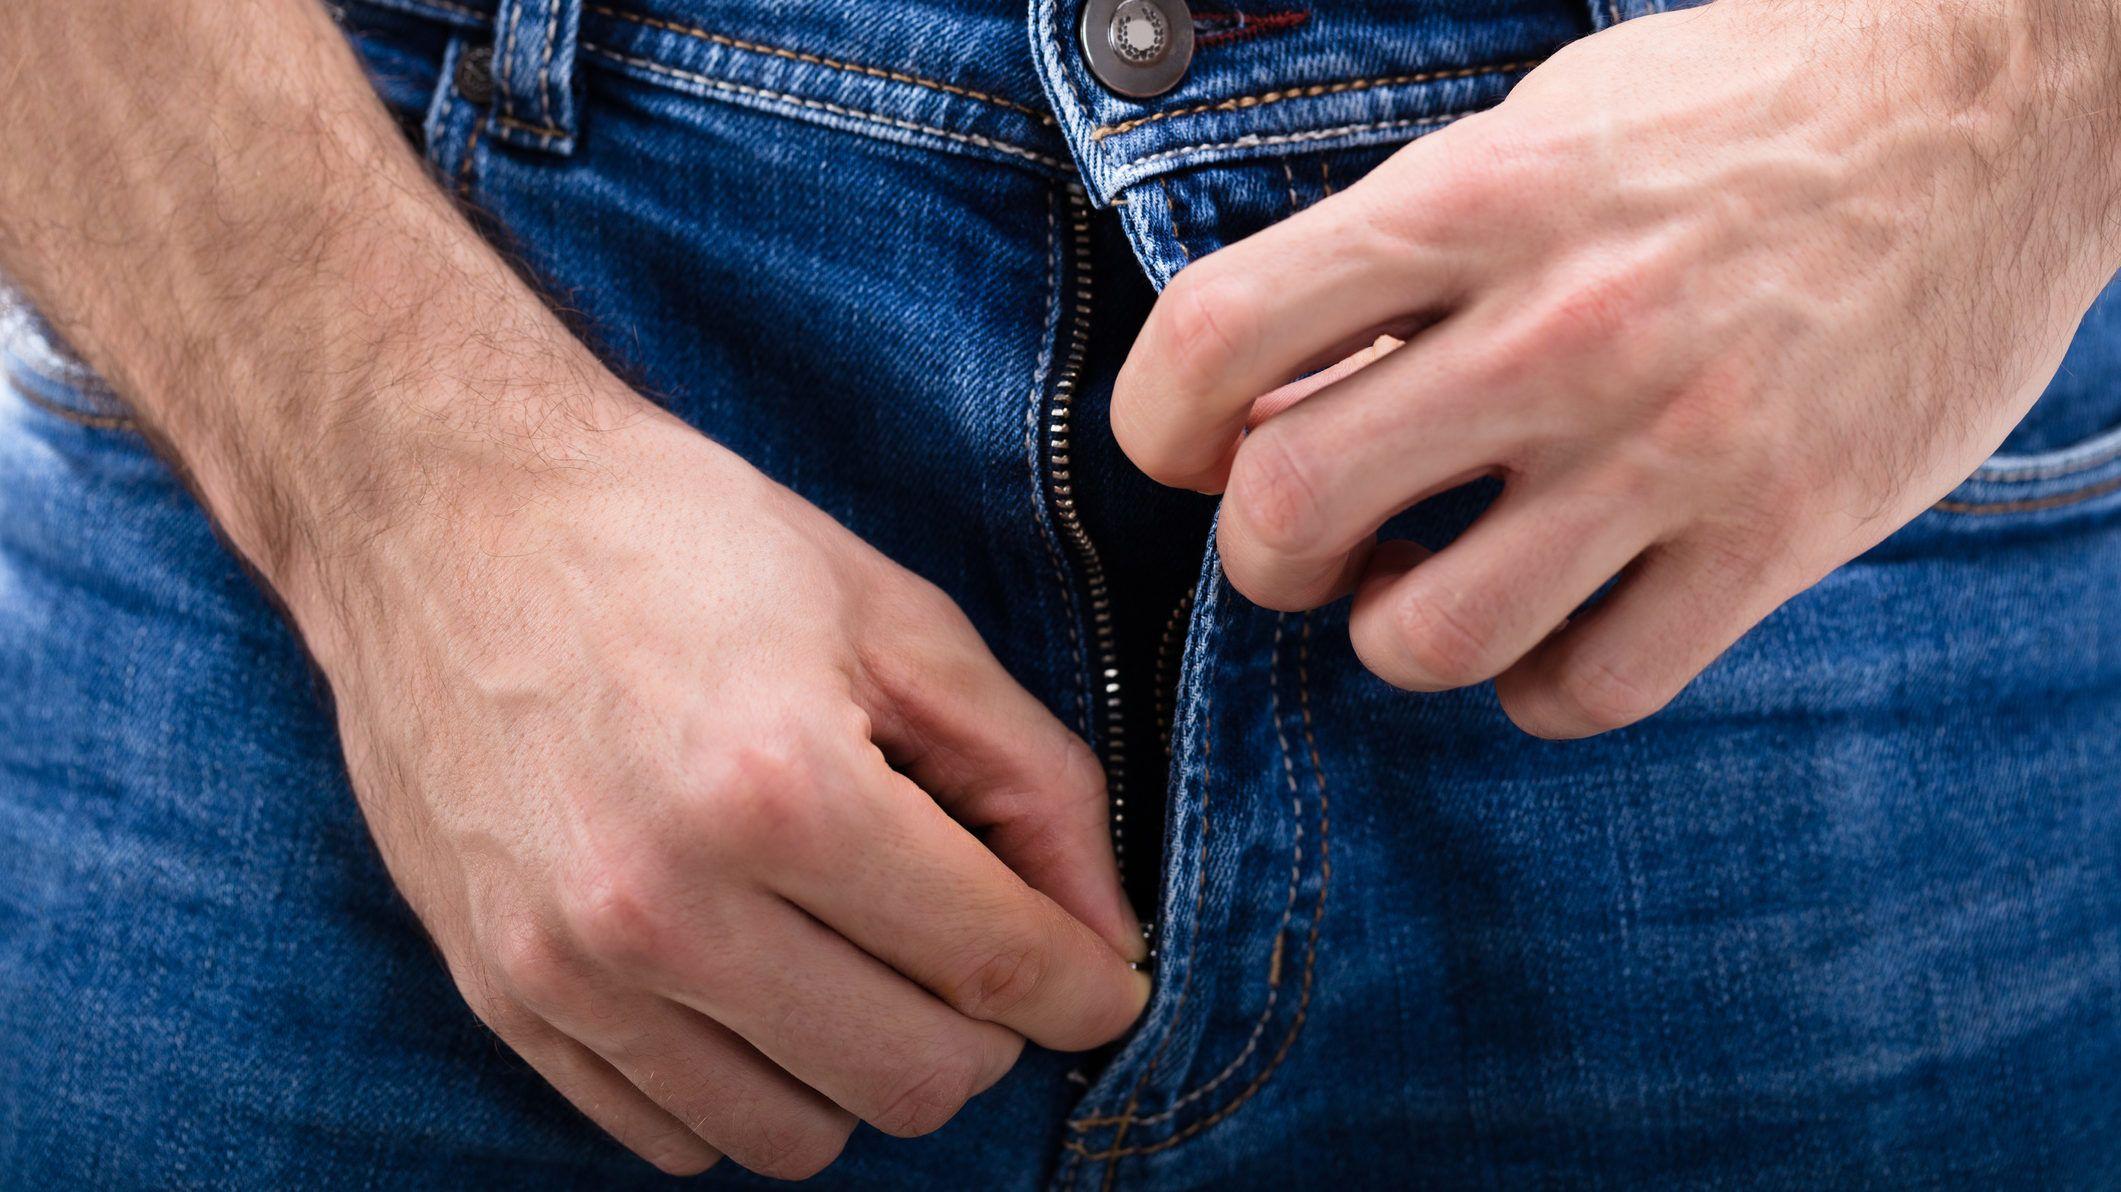 Segítség a férfiaknak - péniszimplantátumok